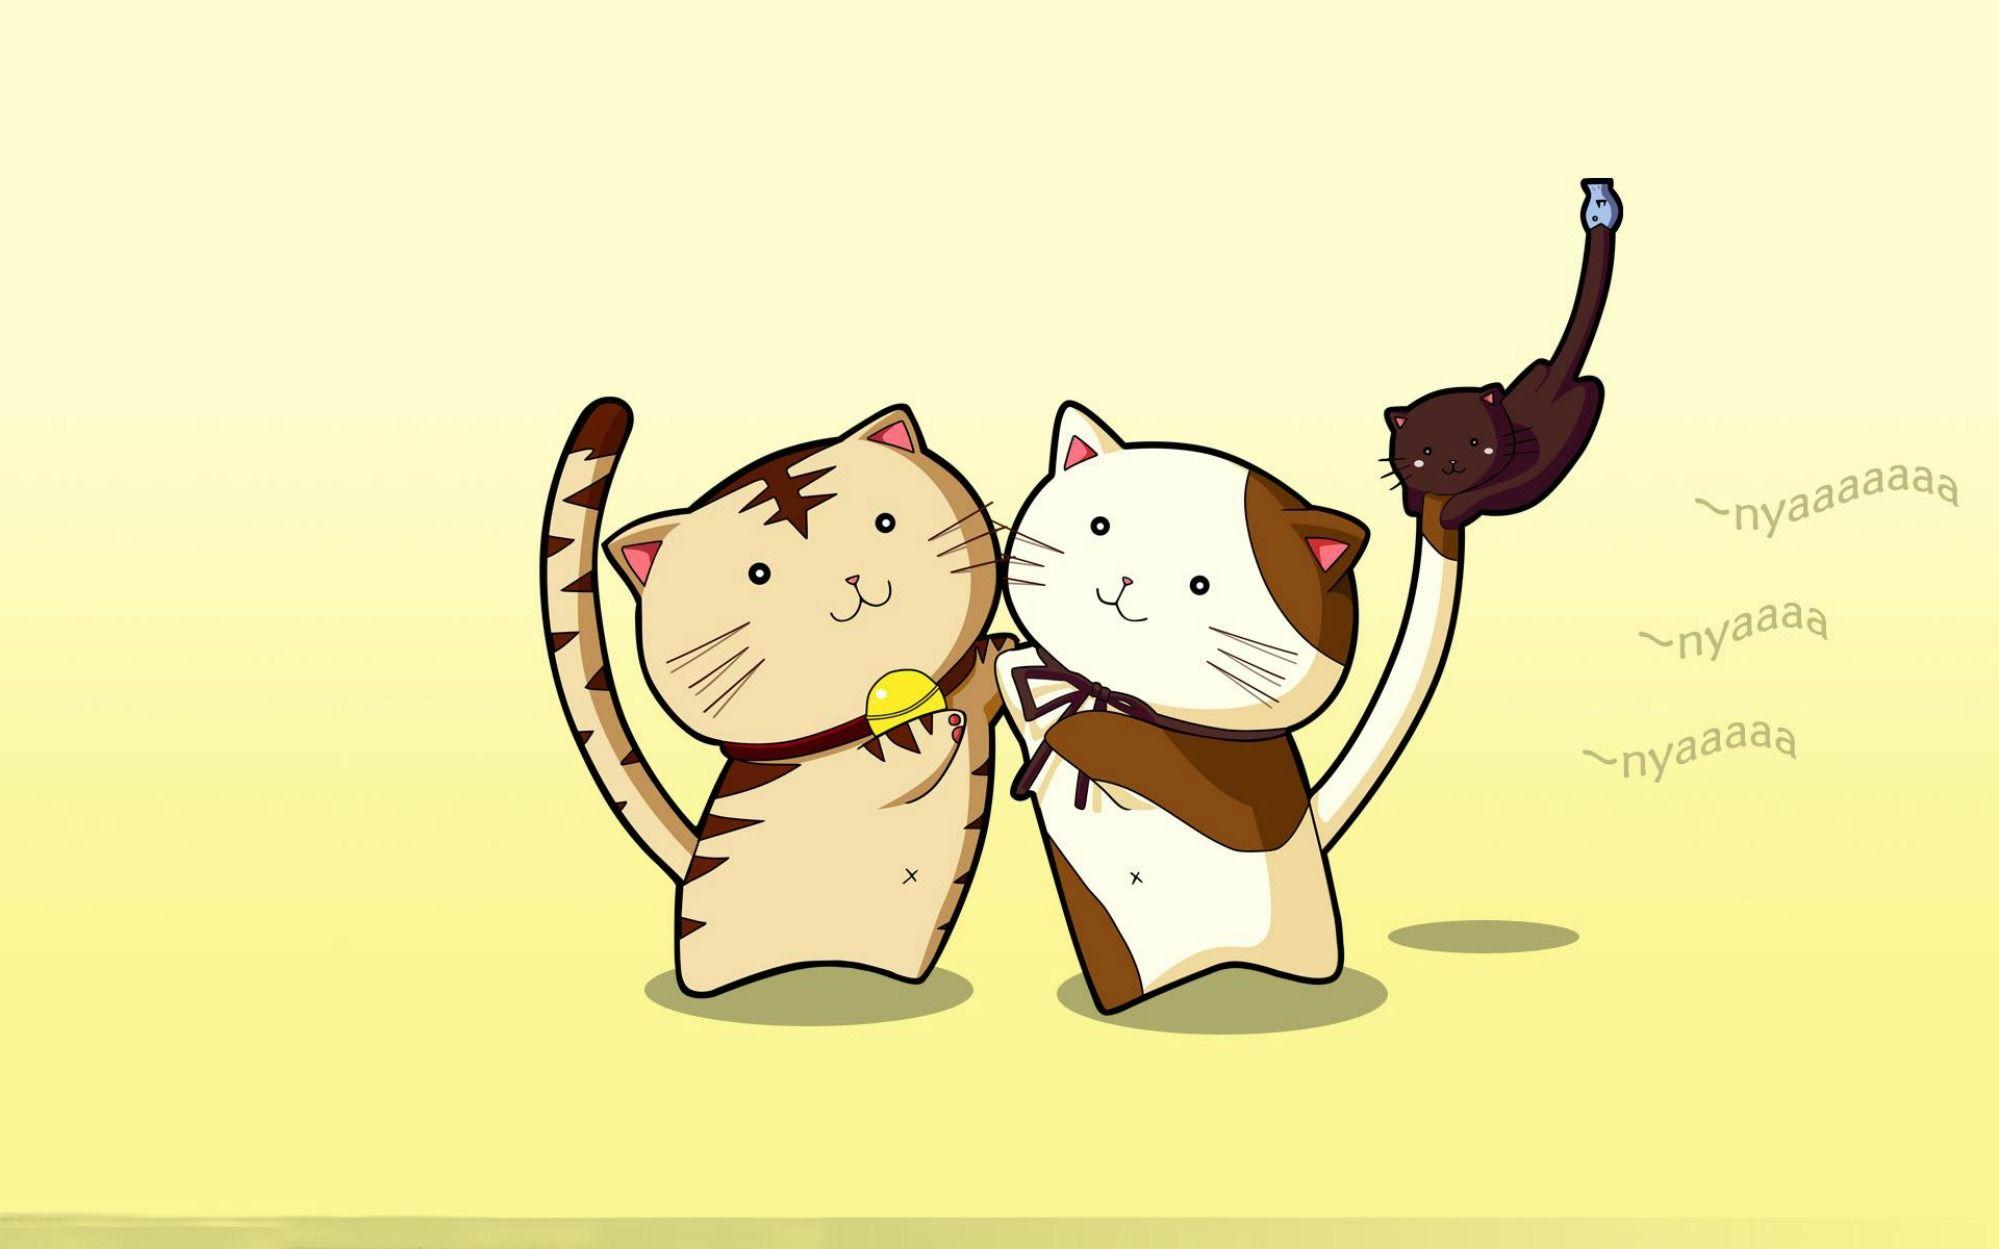 Hình nền máy tính hai chú mèo anime cực đẹp